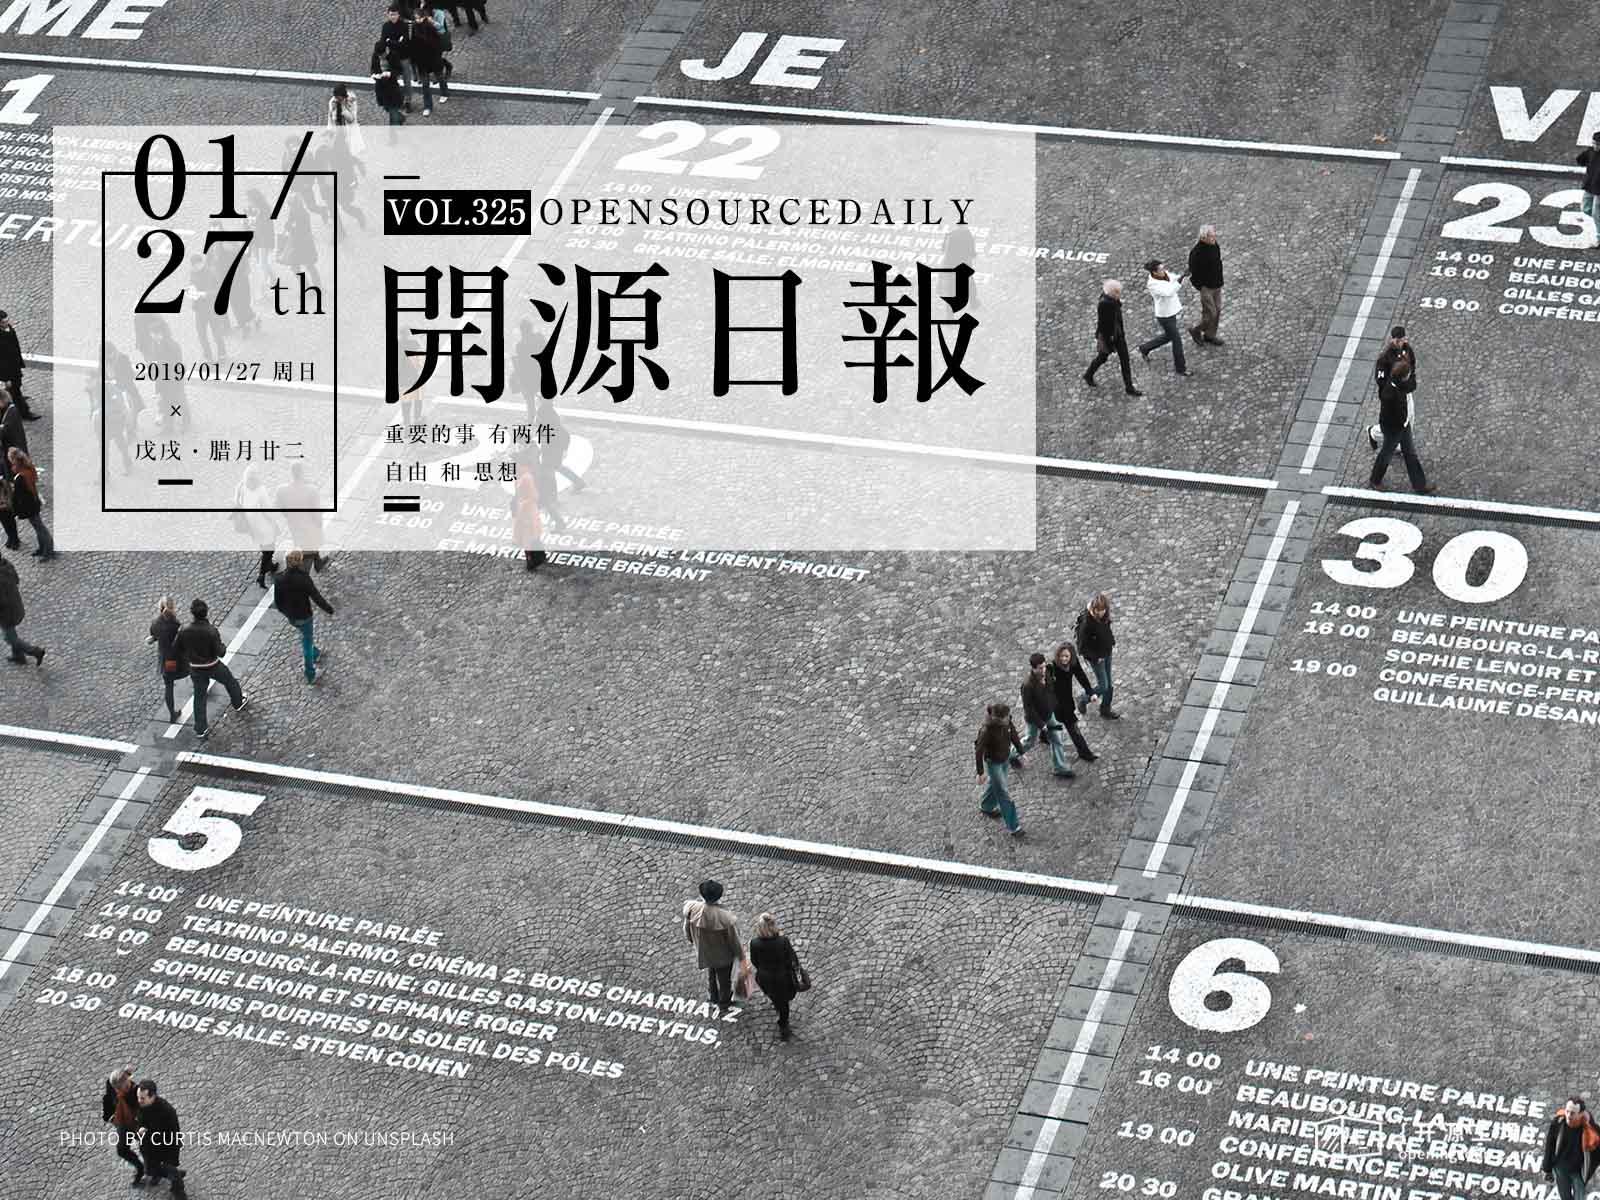 2019年1月27日:开源日报第325期